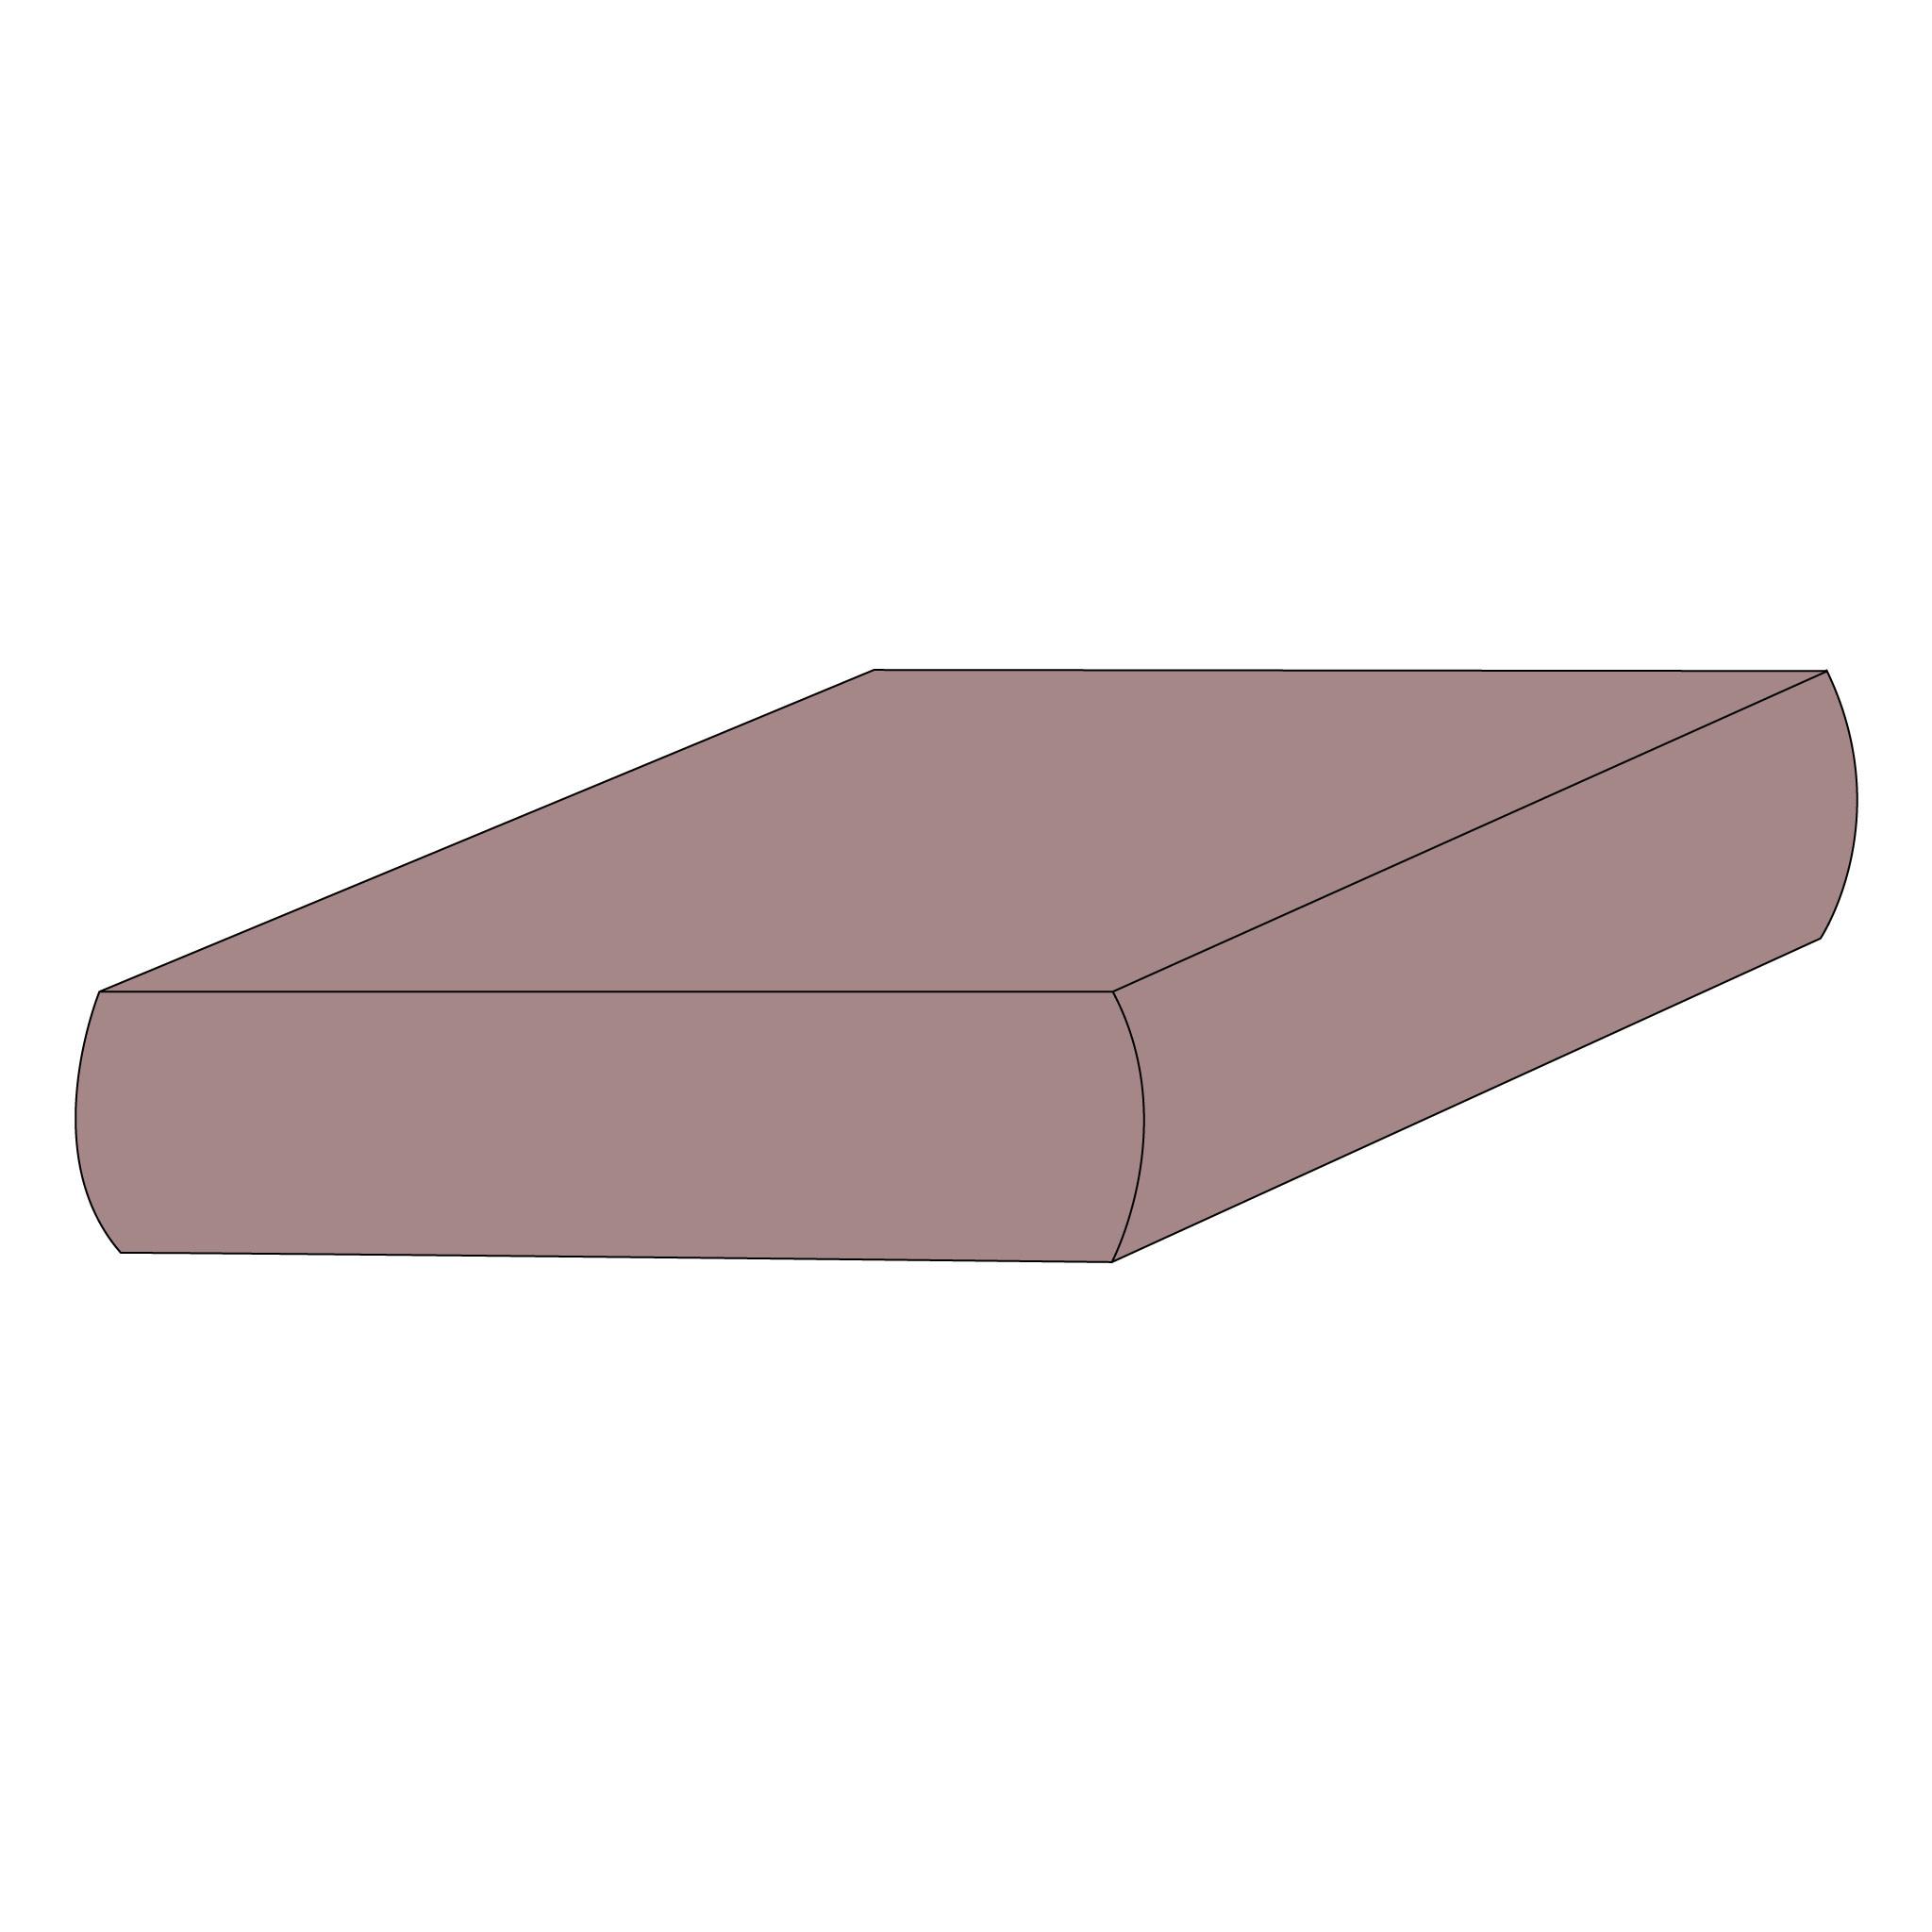 Drap contour coton - Plum-1